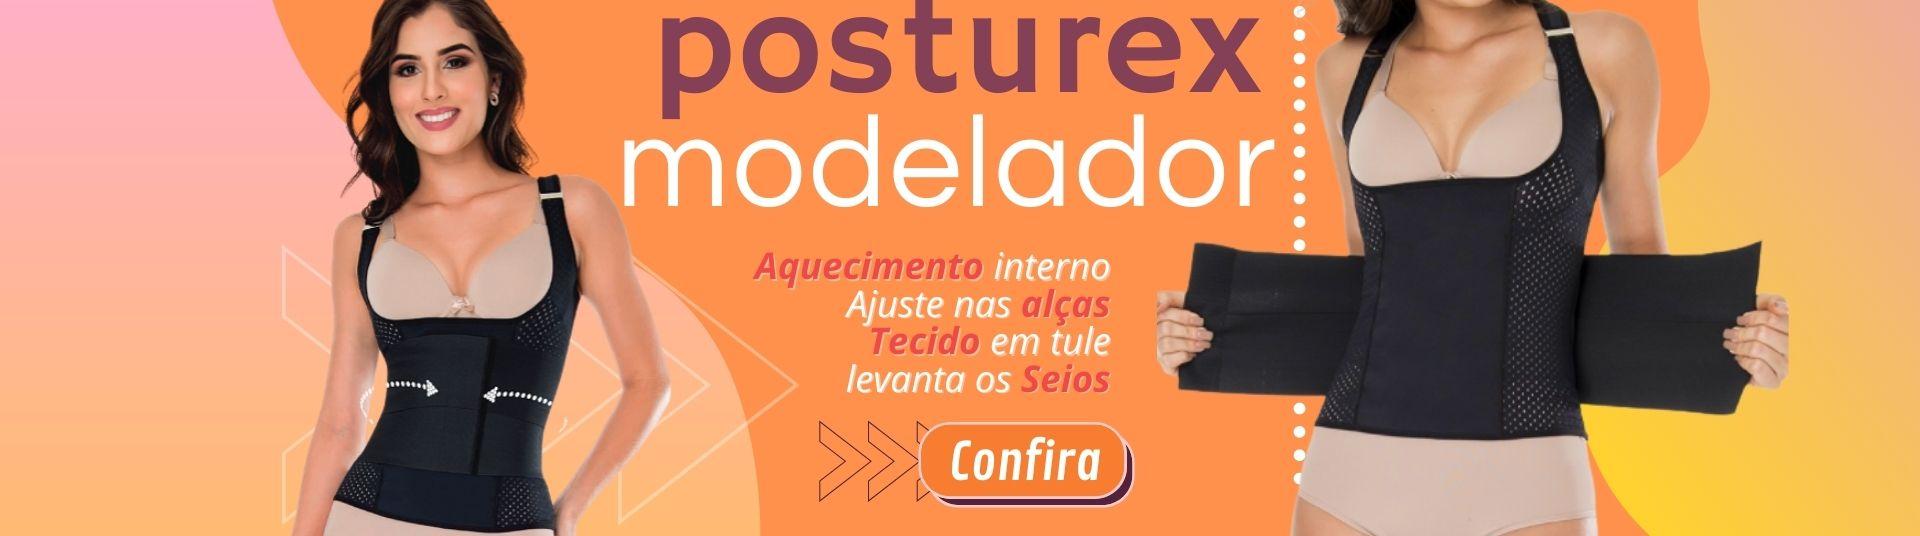 posturex